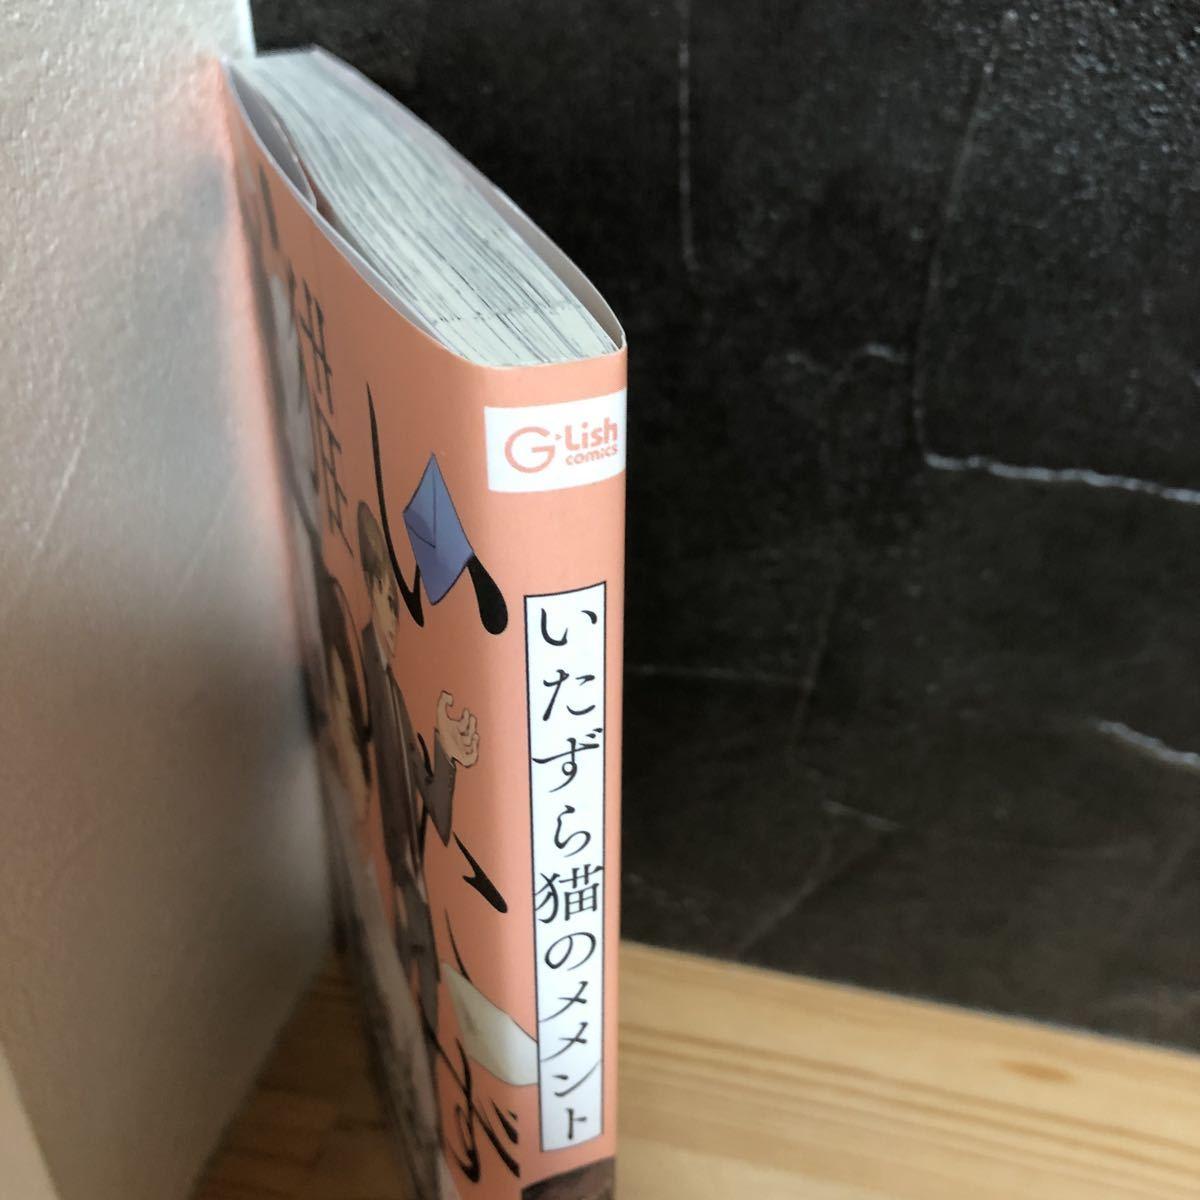 いたずら猫のメメント 出樹 12月新刊 ペーパー付き BLコミック ボーイズラブ 同梱可能